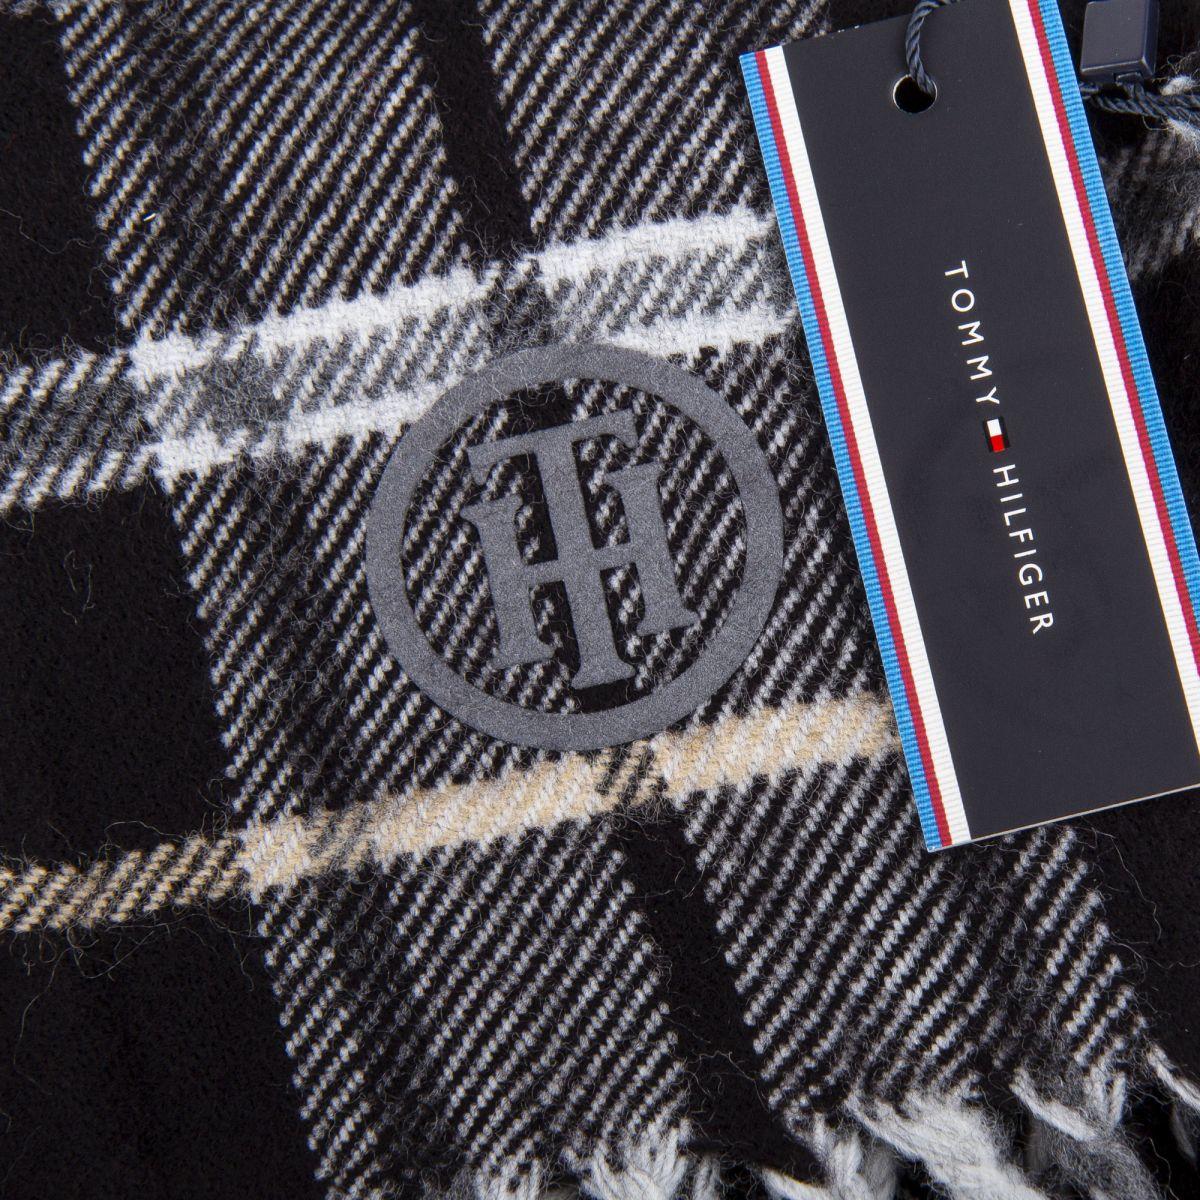 charpe laine femme 200cm x 150cm tommy hilfiger prix. Black Bedroom Furniture Sets. Home Design Ideas